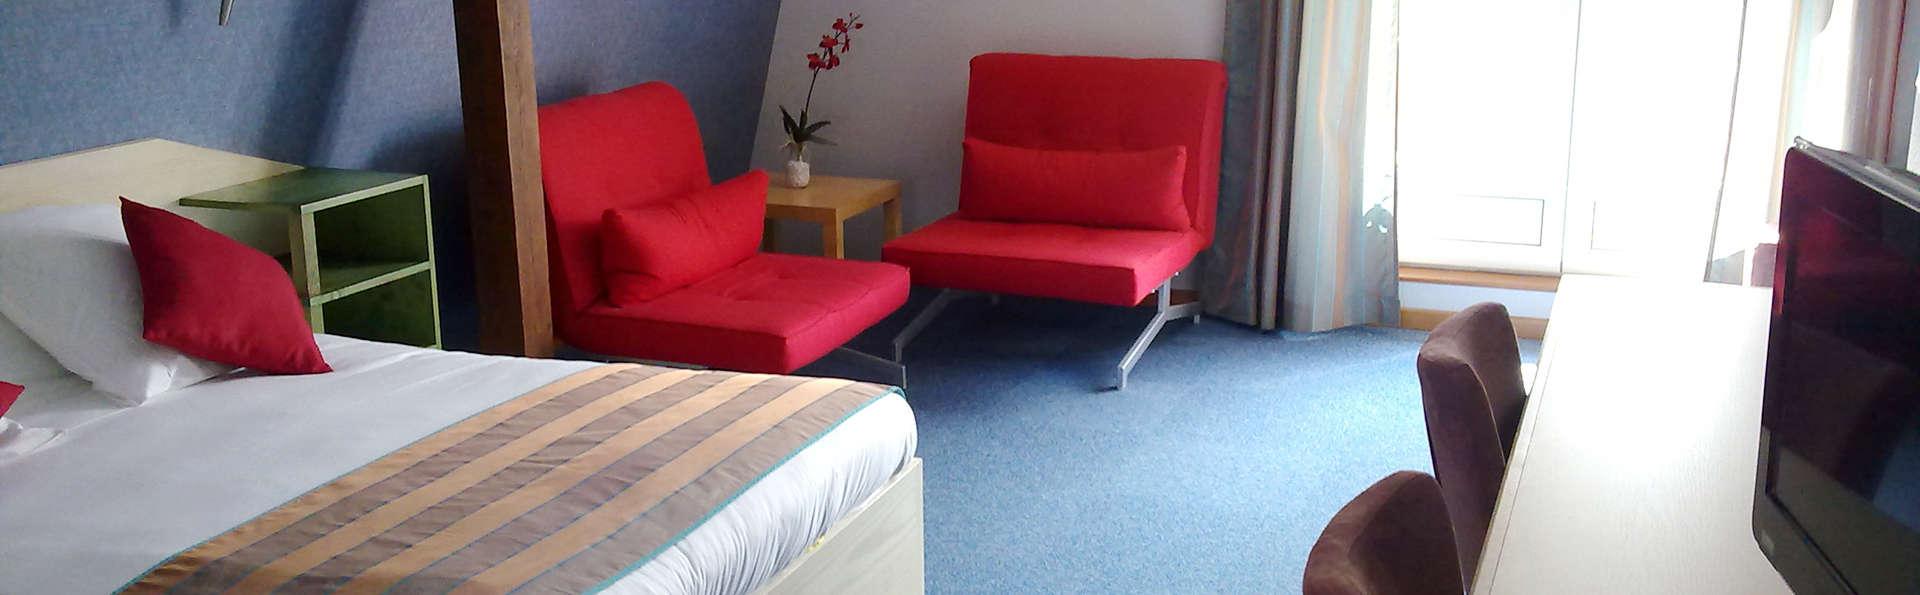 Cour du Tonnelier - EDIT_room1.jpg